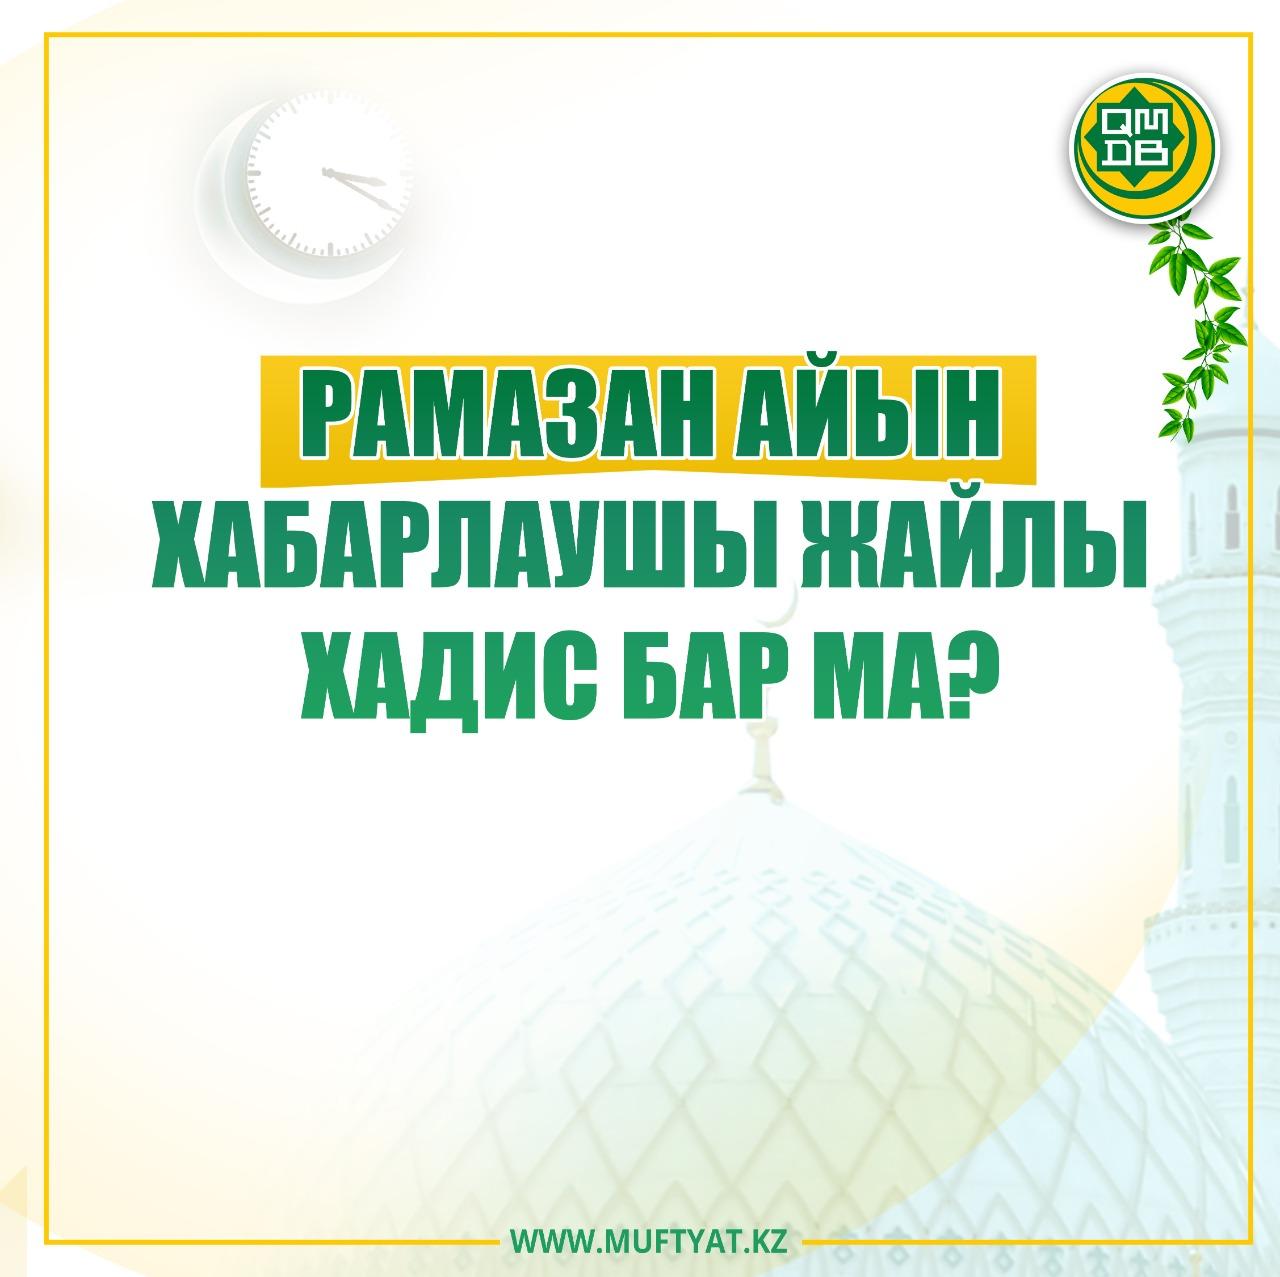 Рамазан айын хабарлаушы жайлы хадис бар ма?